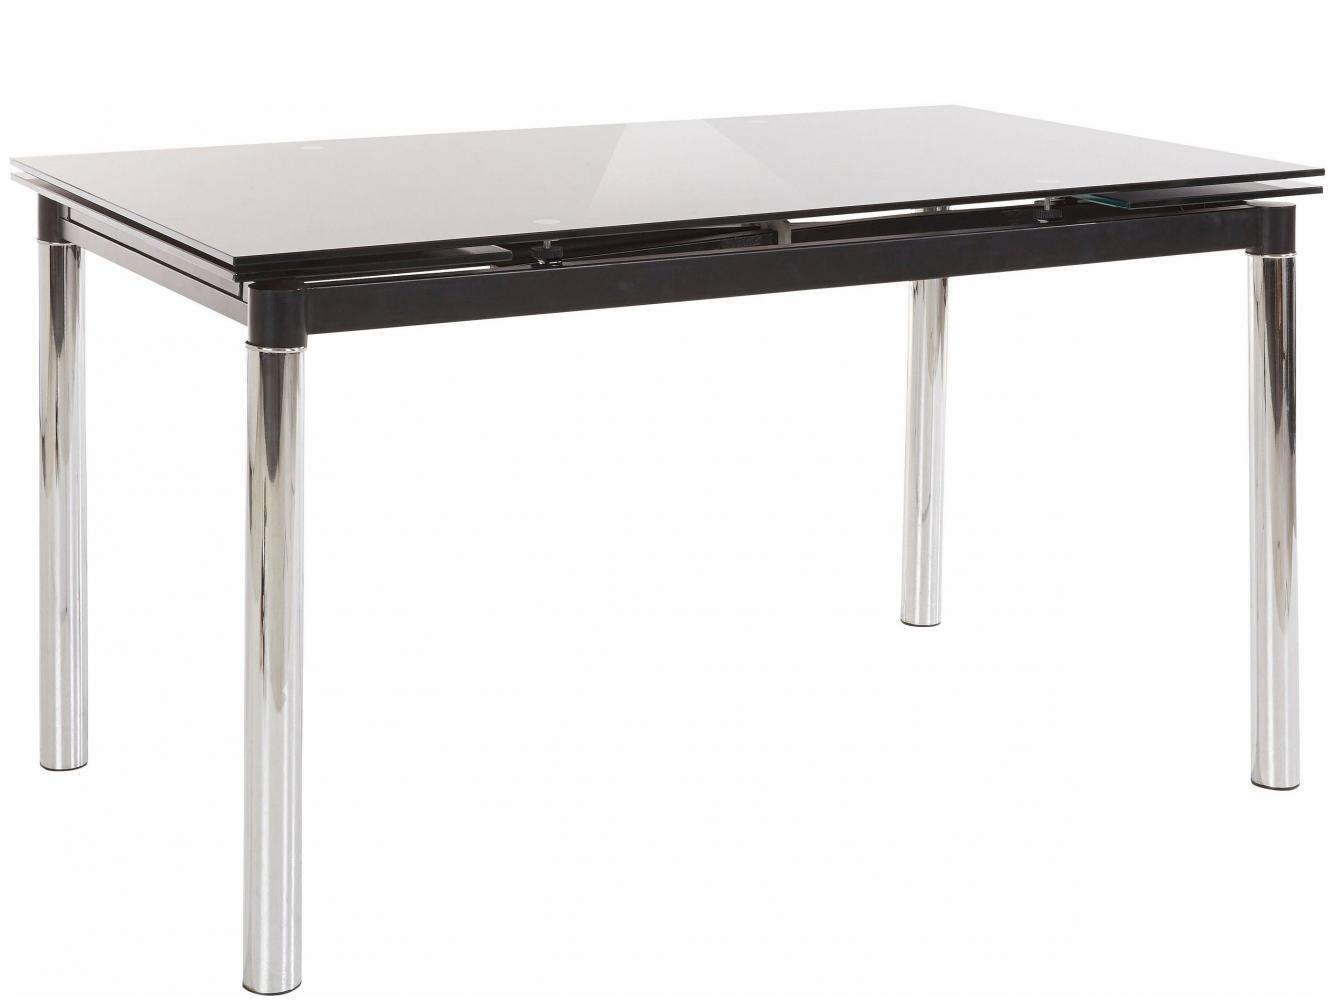 Jídelní stůl Pipa, 200 cm, černá